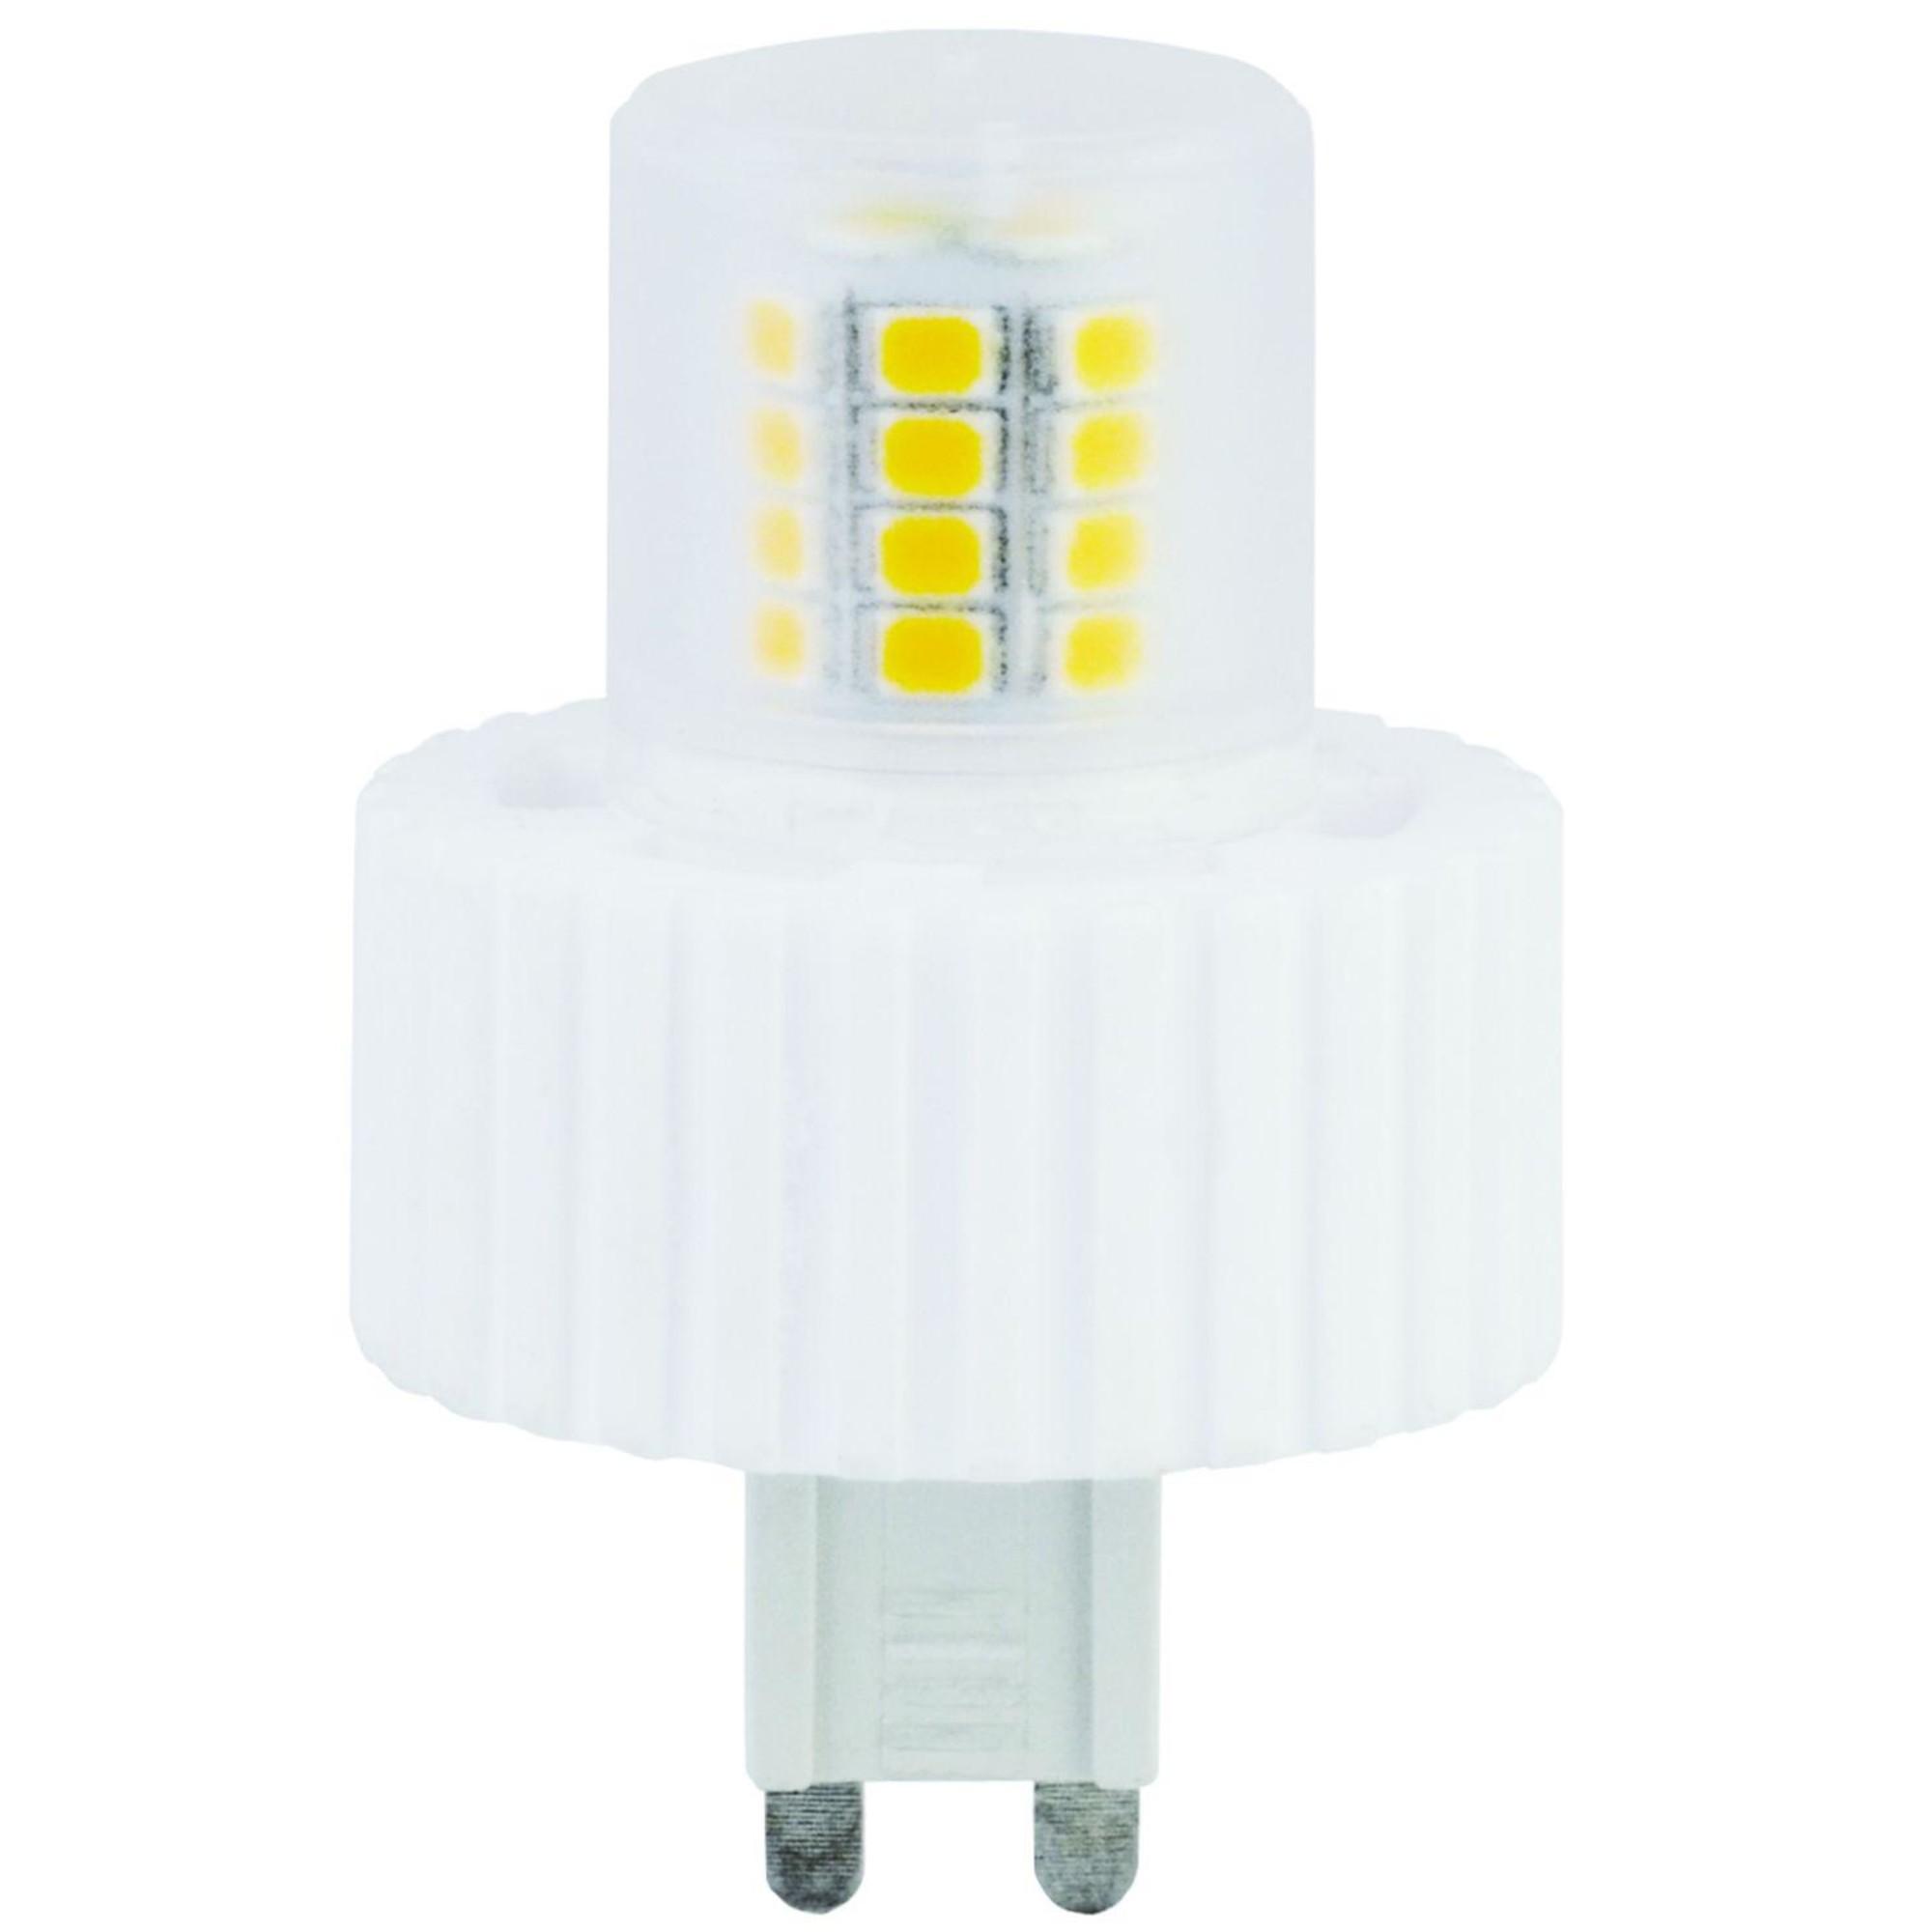 Лампа Ecola Premium светодионая G9 7.50 Вт капсула 670 Лм нейтральный свет